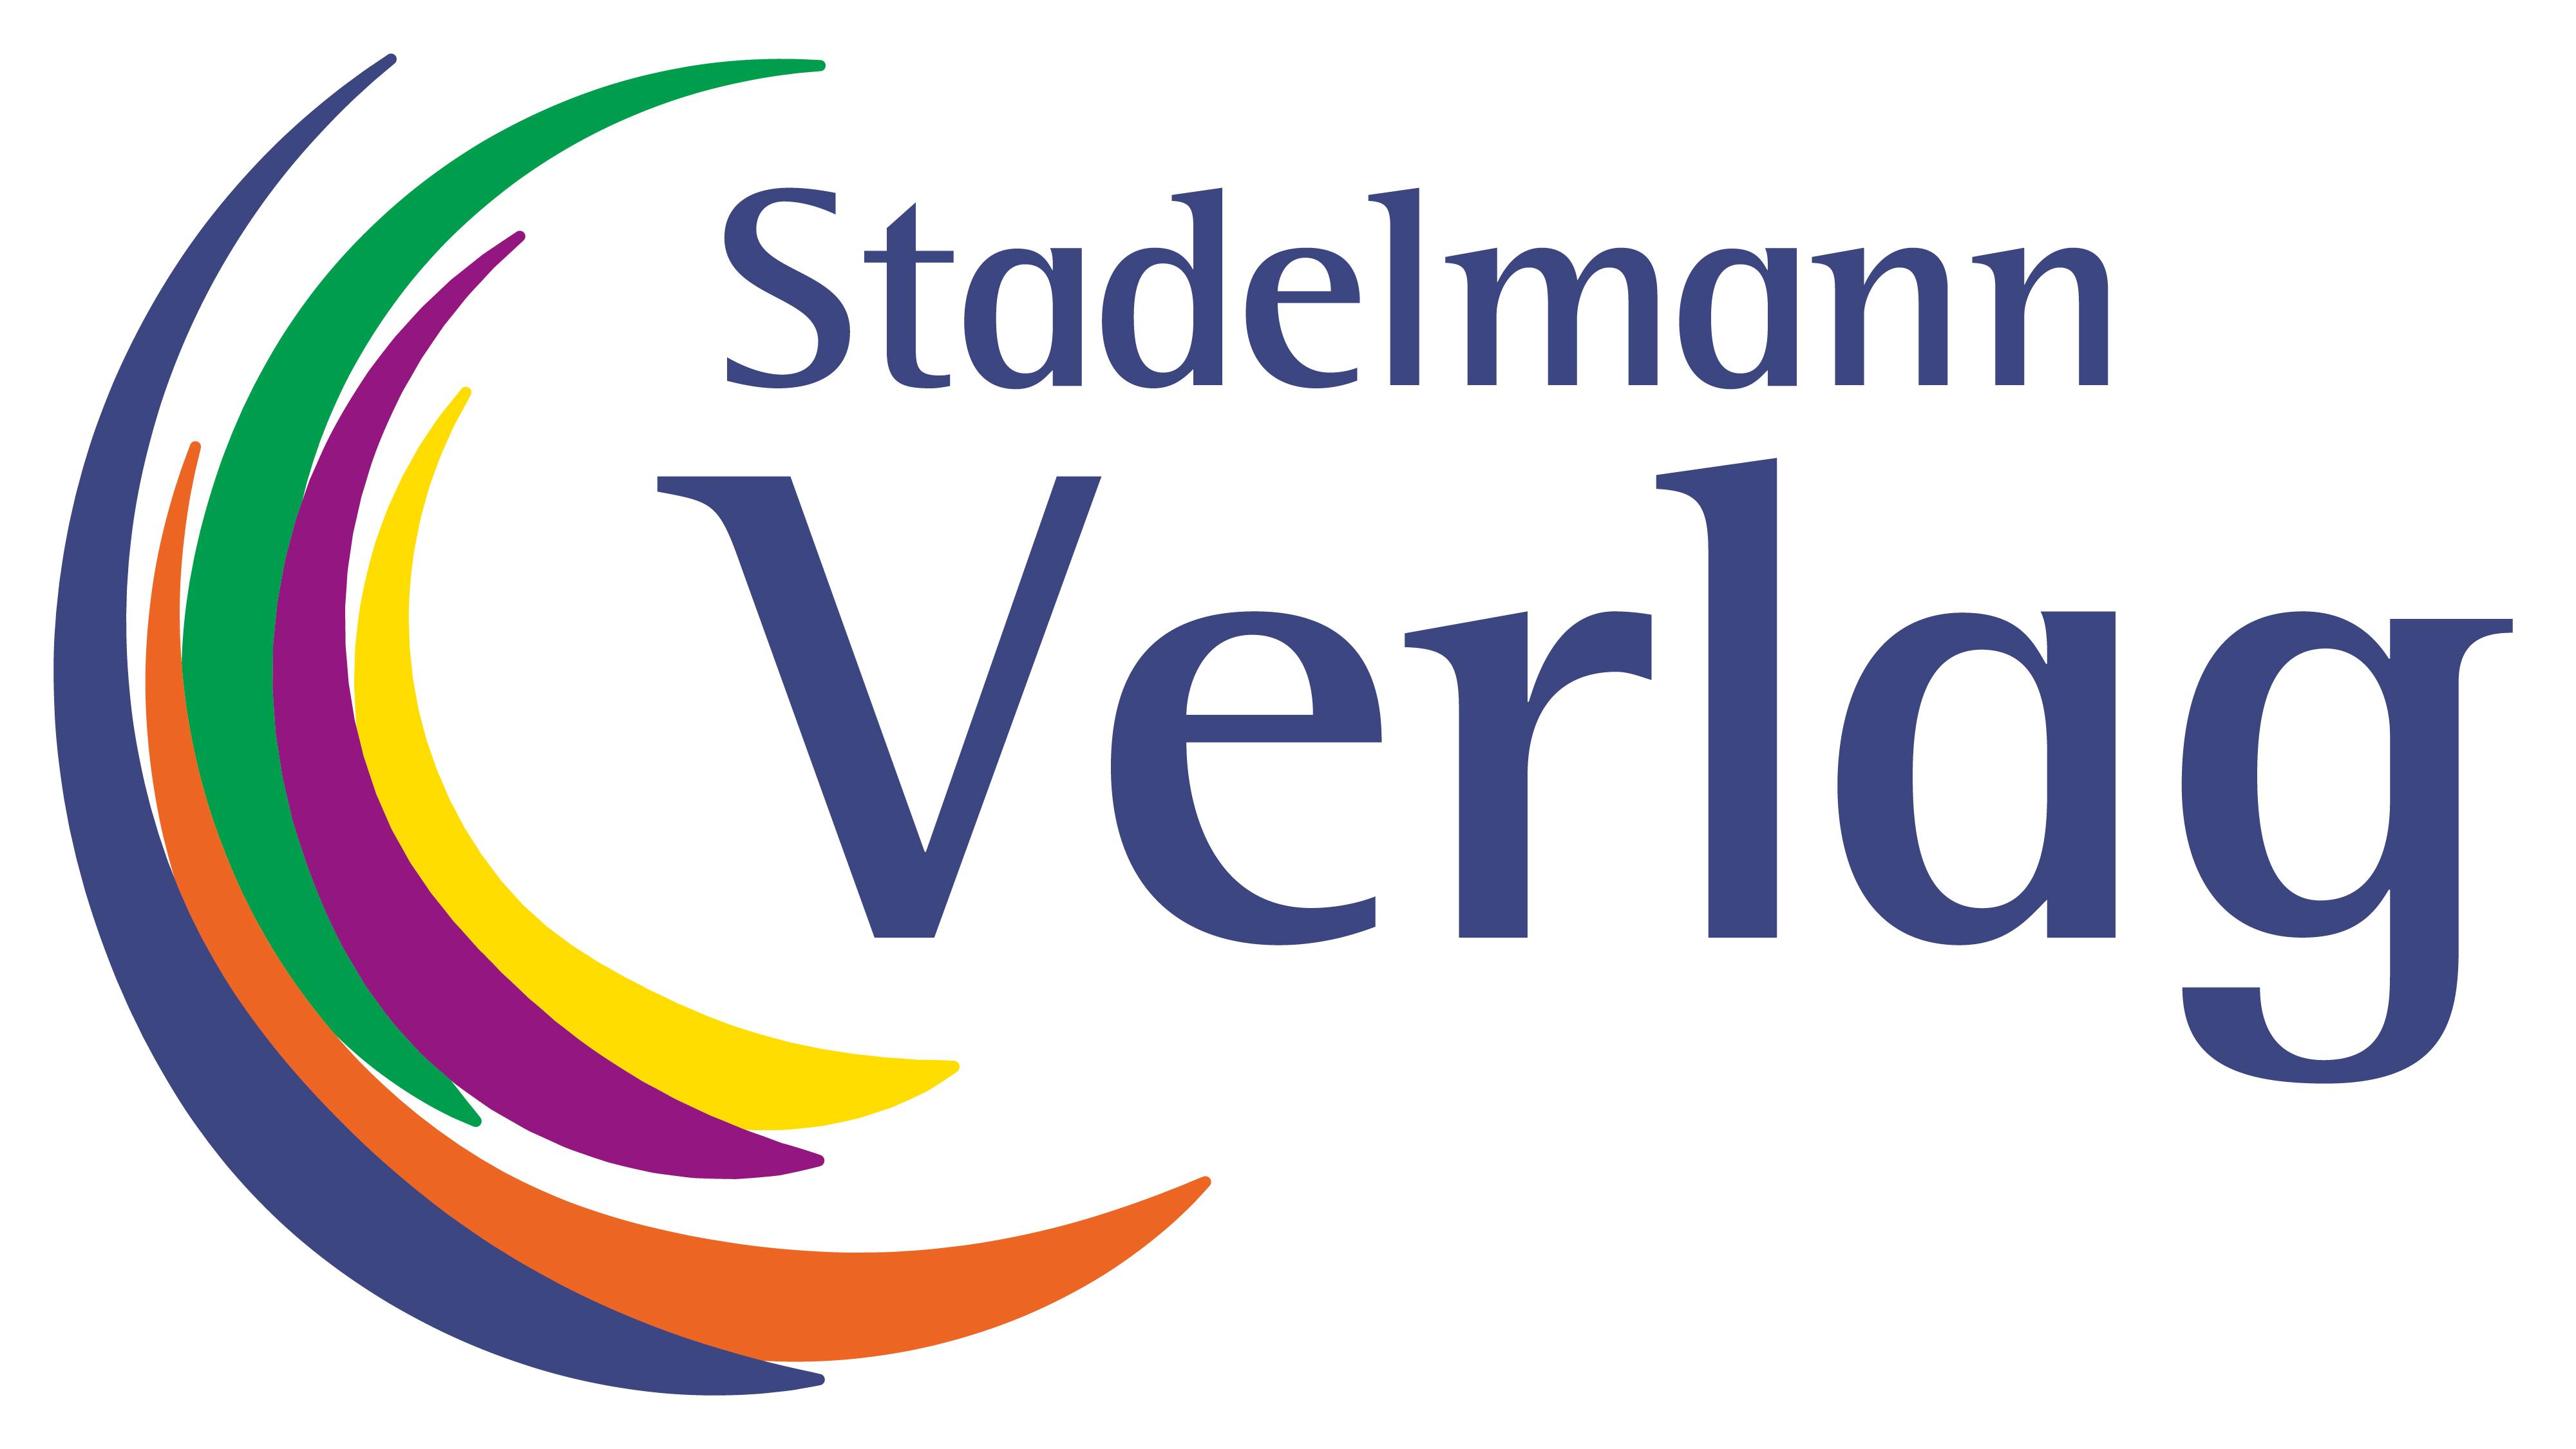 Stadelmann-Verlag